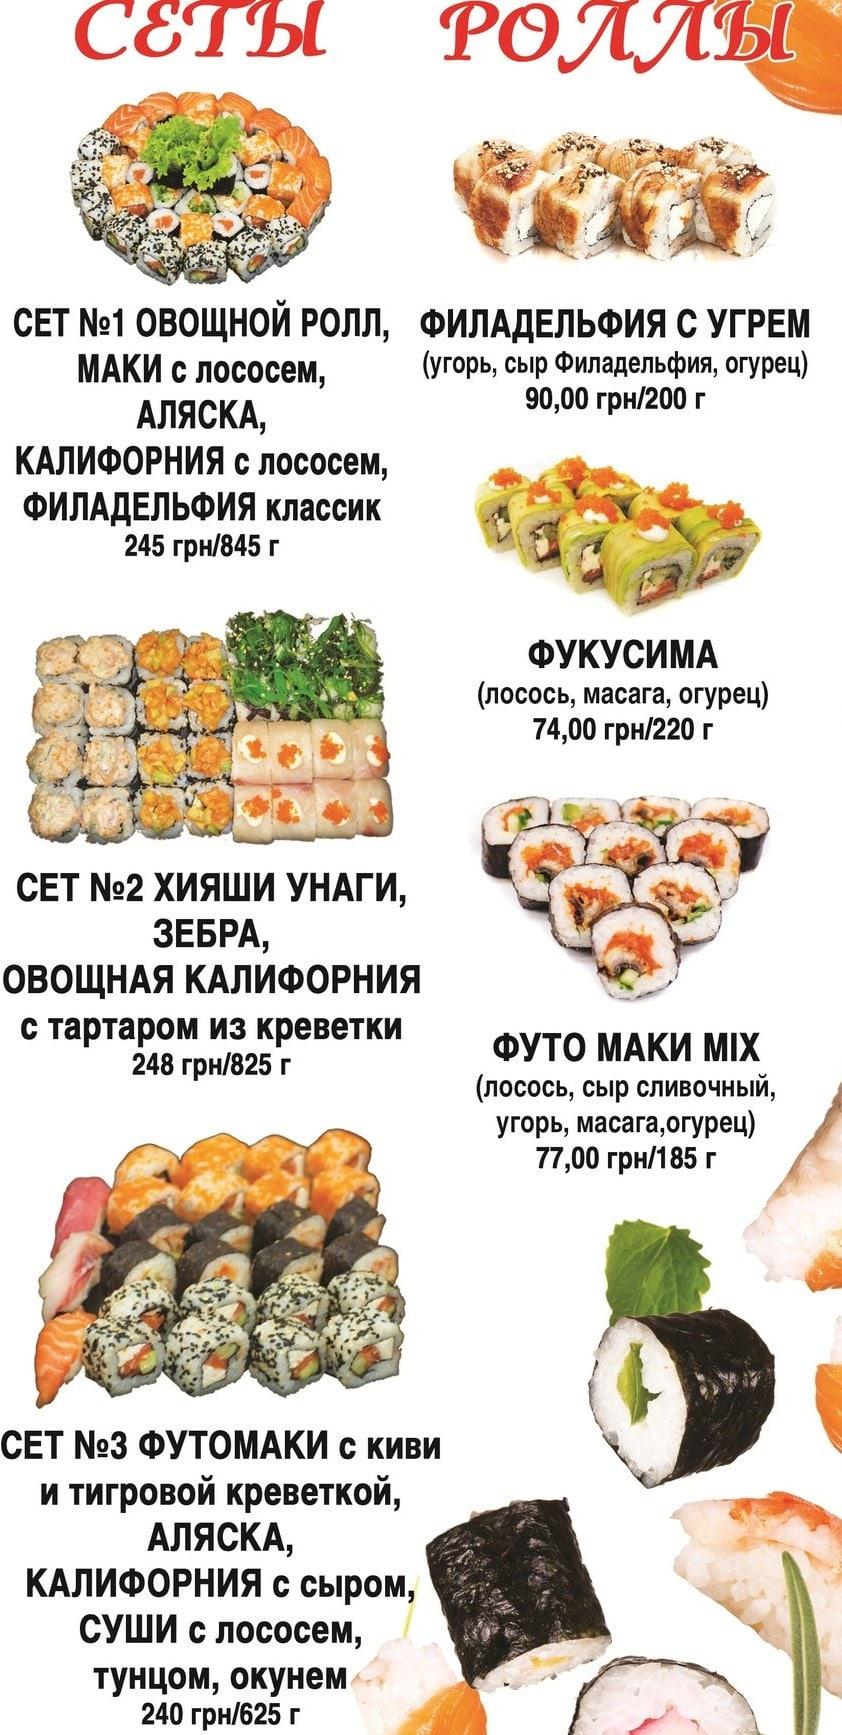 Кафе Африкана суши меню и роллы